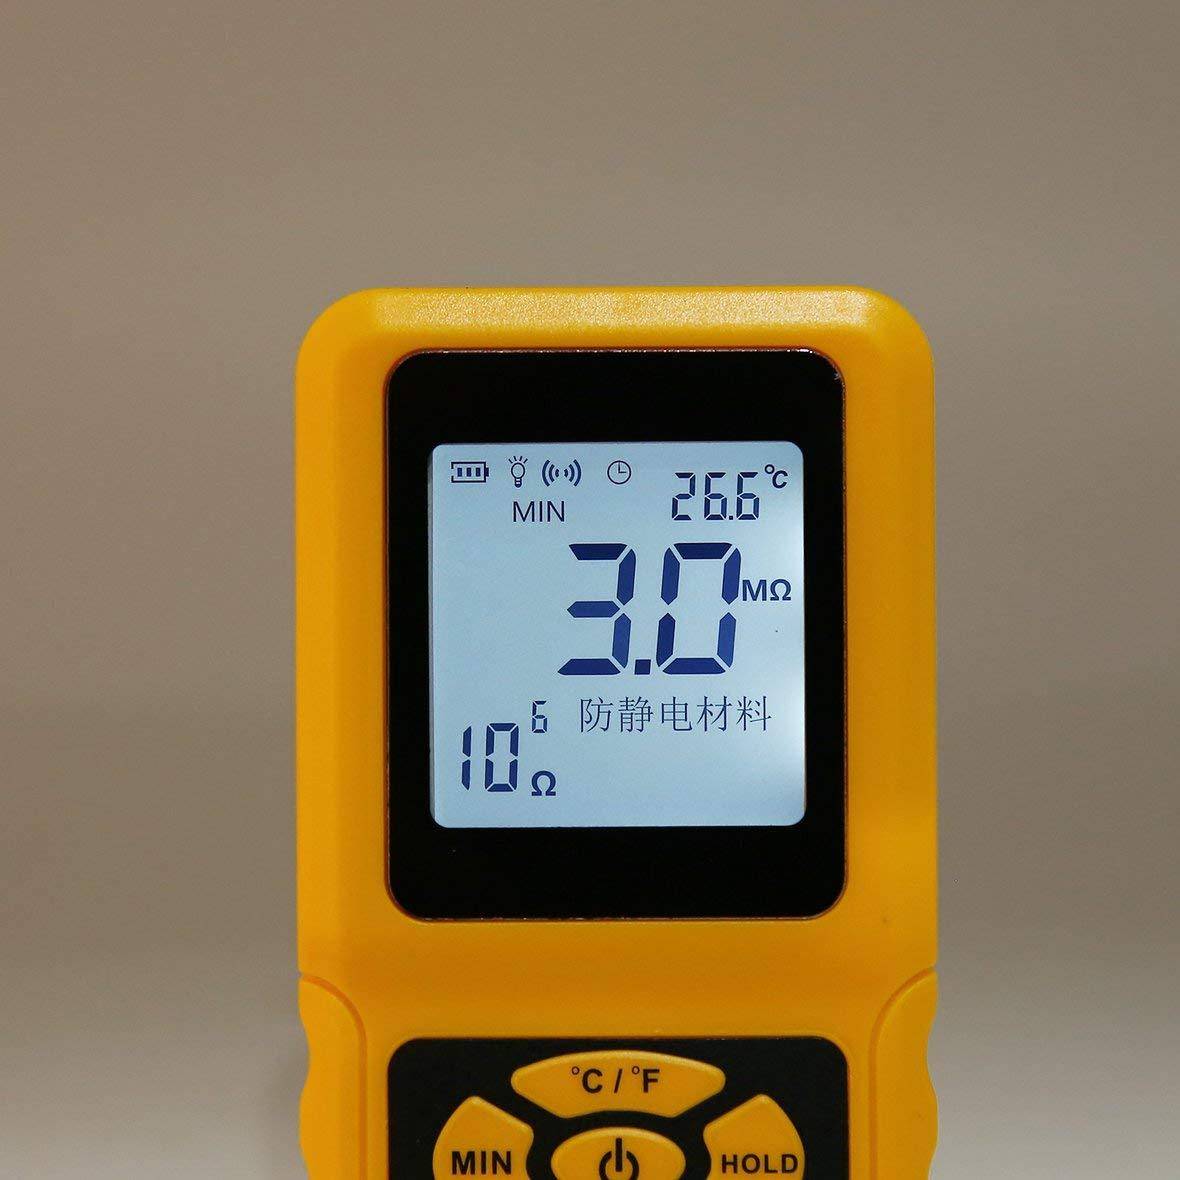 Heaviesk Indicateur de r/ésistance AS982 Testeur de mesureur de r/ésistance de Surface Portable Indicateur de r/ésistance de Terre Portable Donn/ées Tenant la Fonction Affichage LCD